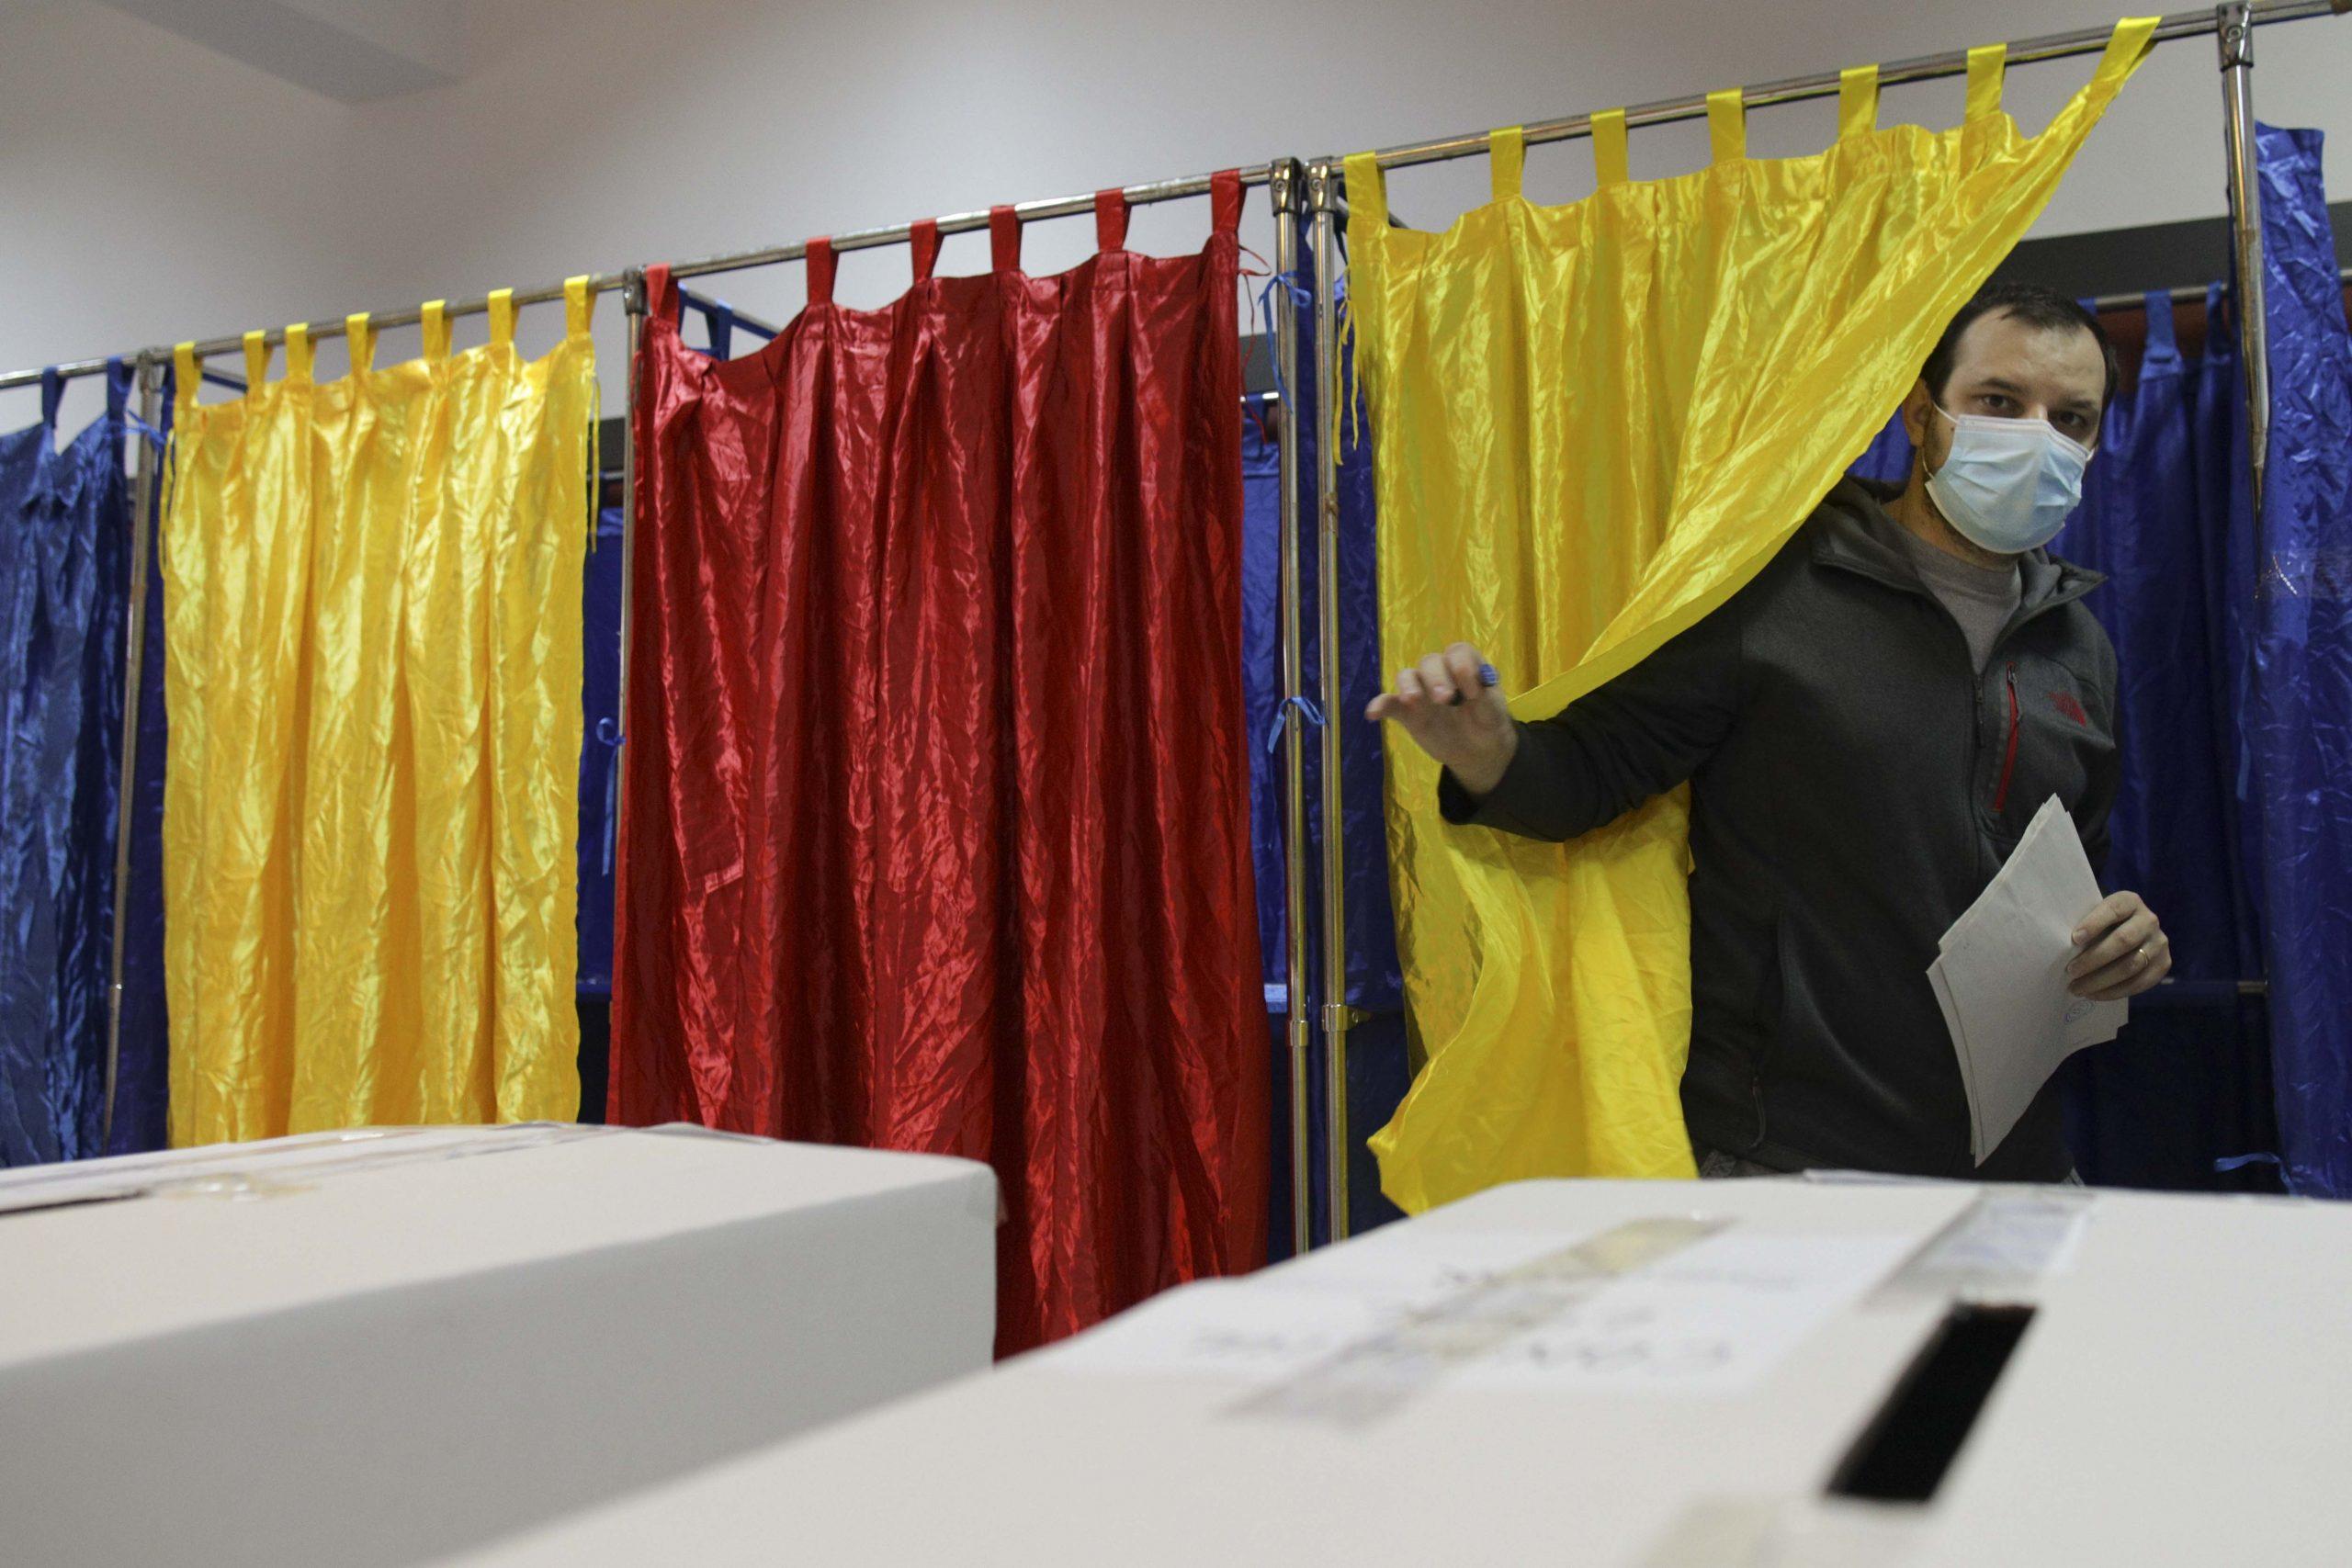 Alegeri locale 2020. Inquam Photos / Octav Ganea